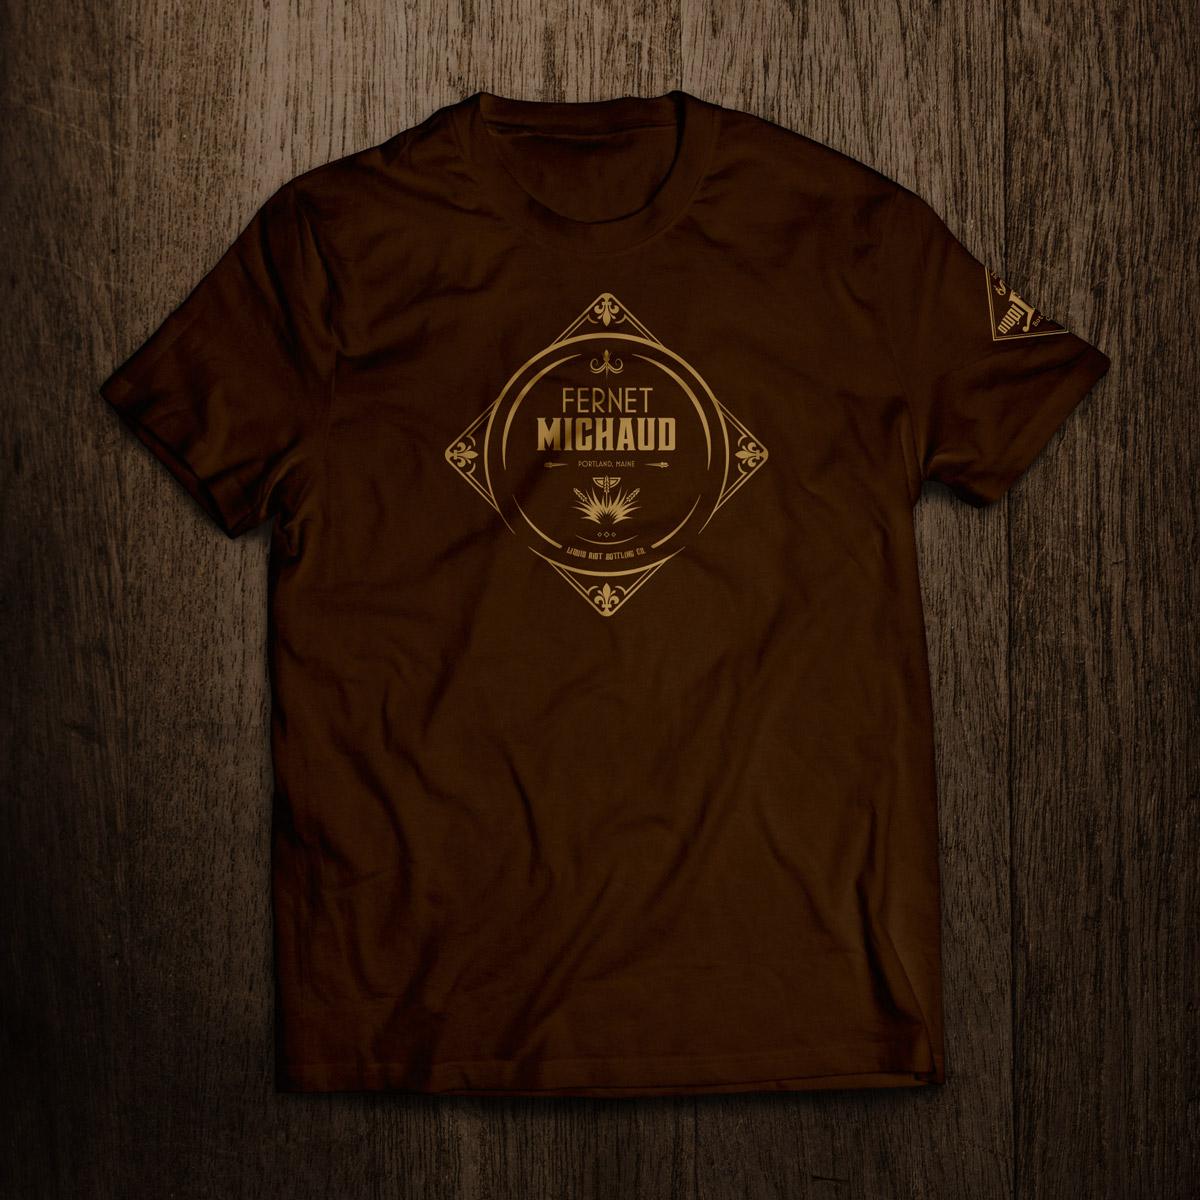 Liquid Riot Fernet Michaud T-shirt